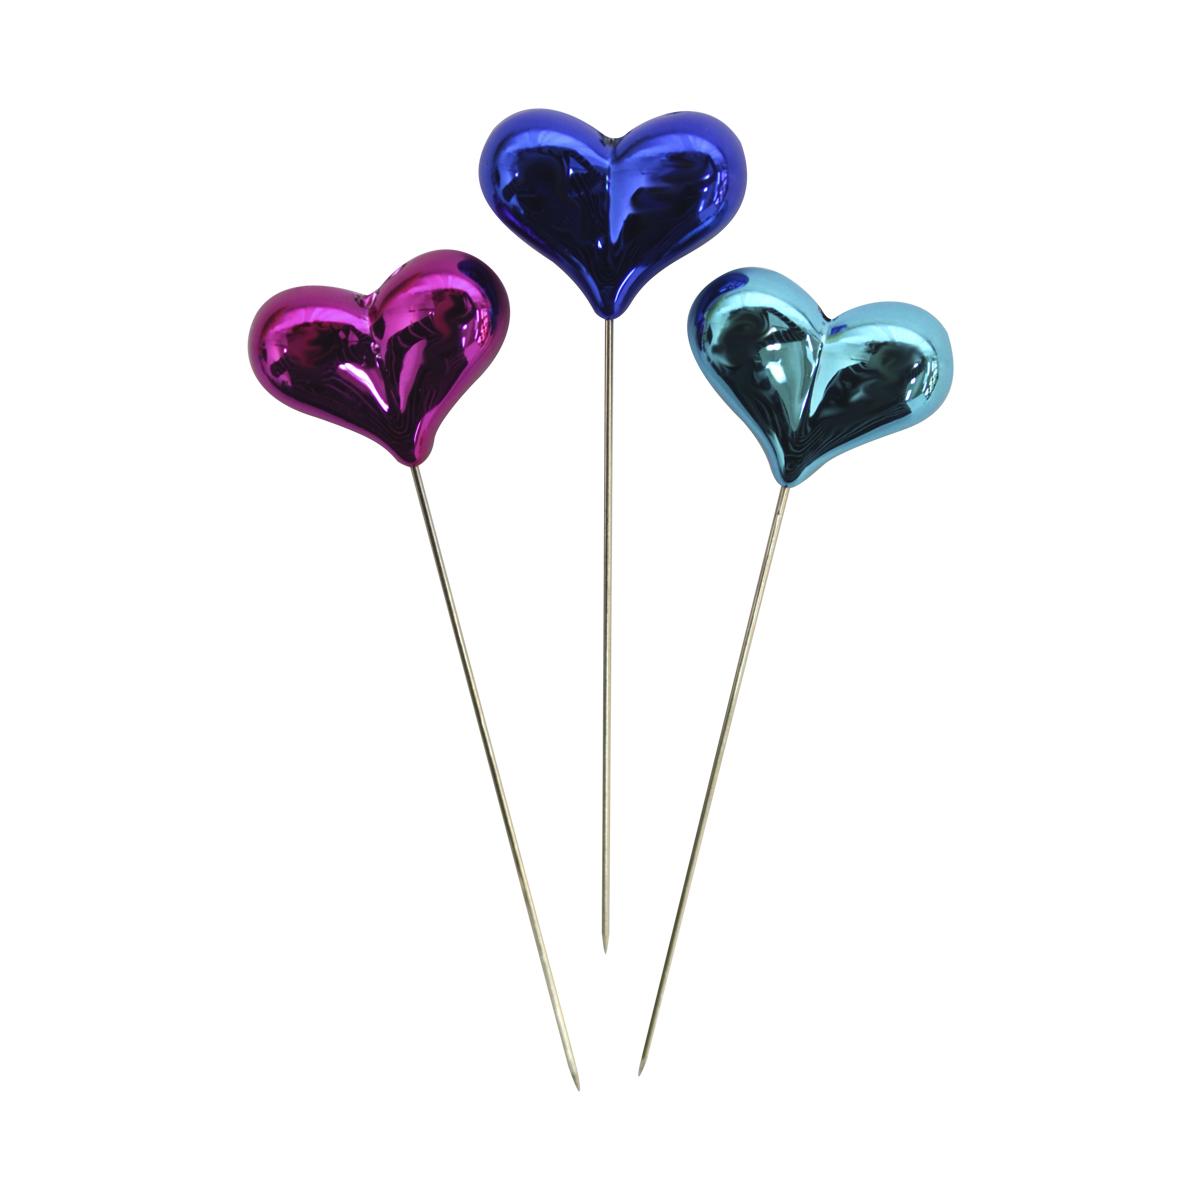 Булавки декоративные Астра с цветными сердечками, 6 шт. HR27287714208Булавки используются для творчества и декорирования. В упаковке 6 булавочек.